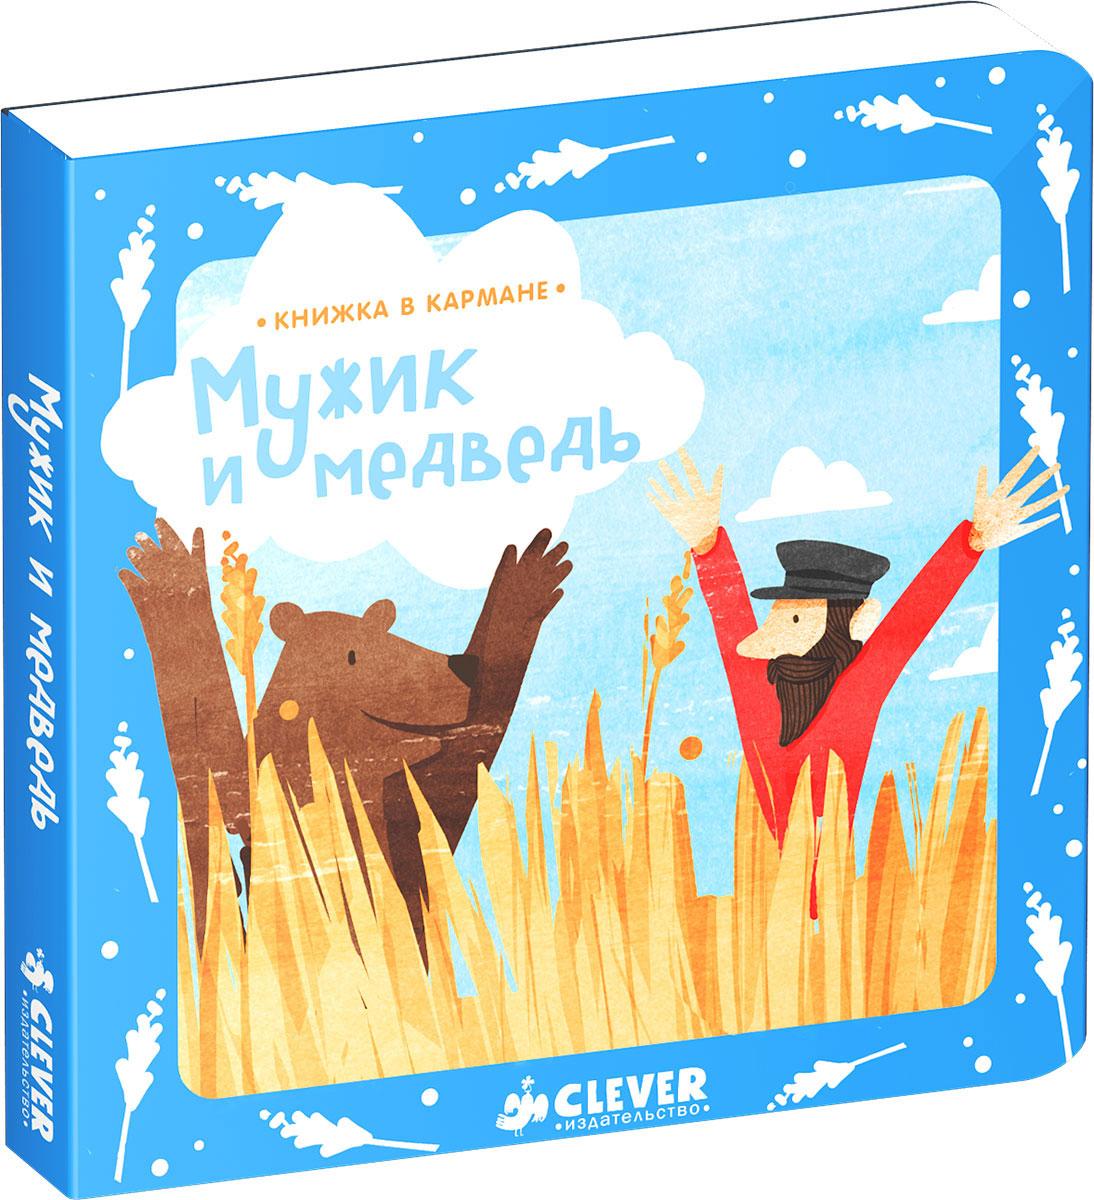 Мужик и медведь книжки картонки clever книжка в кармане петушок и бобовое зернышко